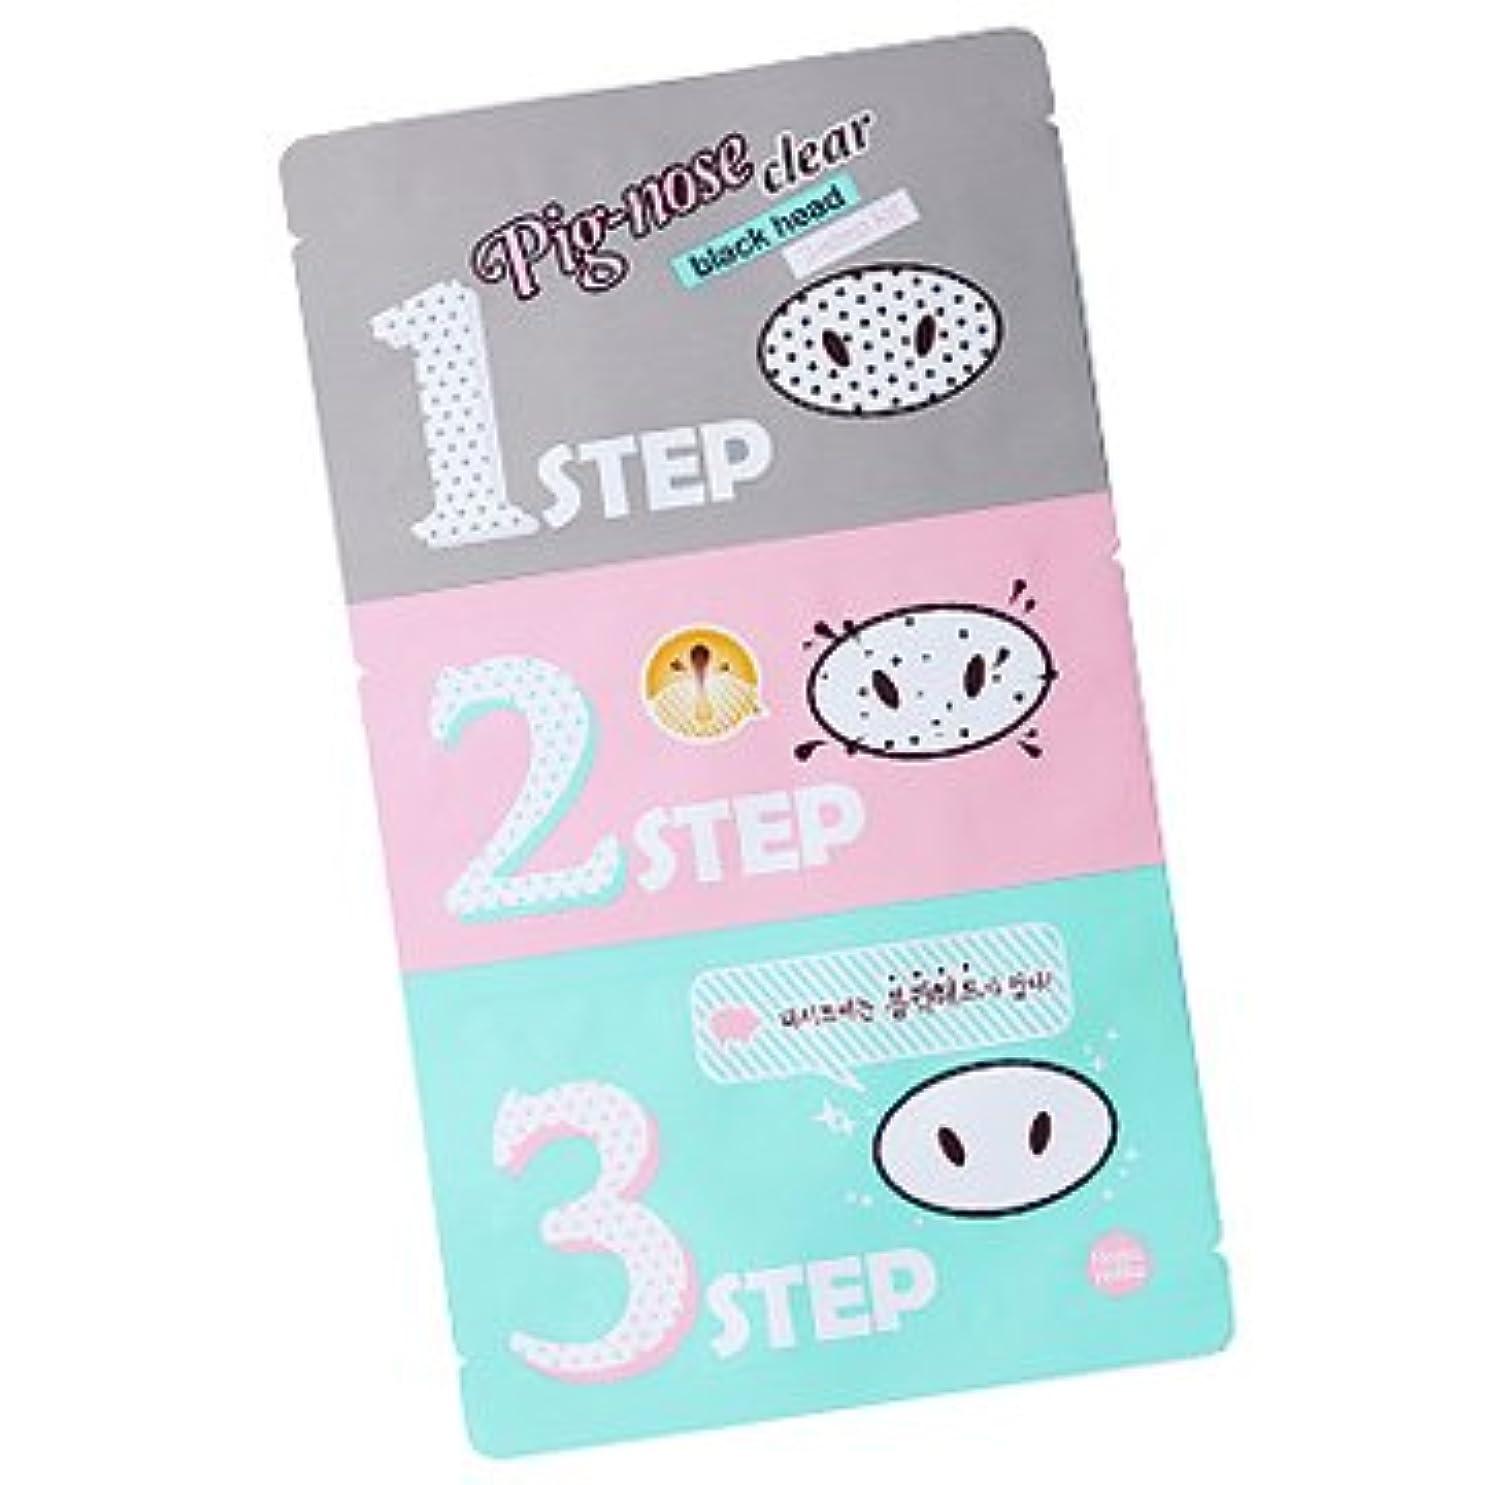 厳空虚忌まわしいHolika Holika Pig Nose Clear Black Head 3-Step Kit 10EA (Nose Pack) ホリカホリカ ピグノーズクリアブラックヘッド3-Stepキット(鼻パック) 10pcs...